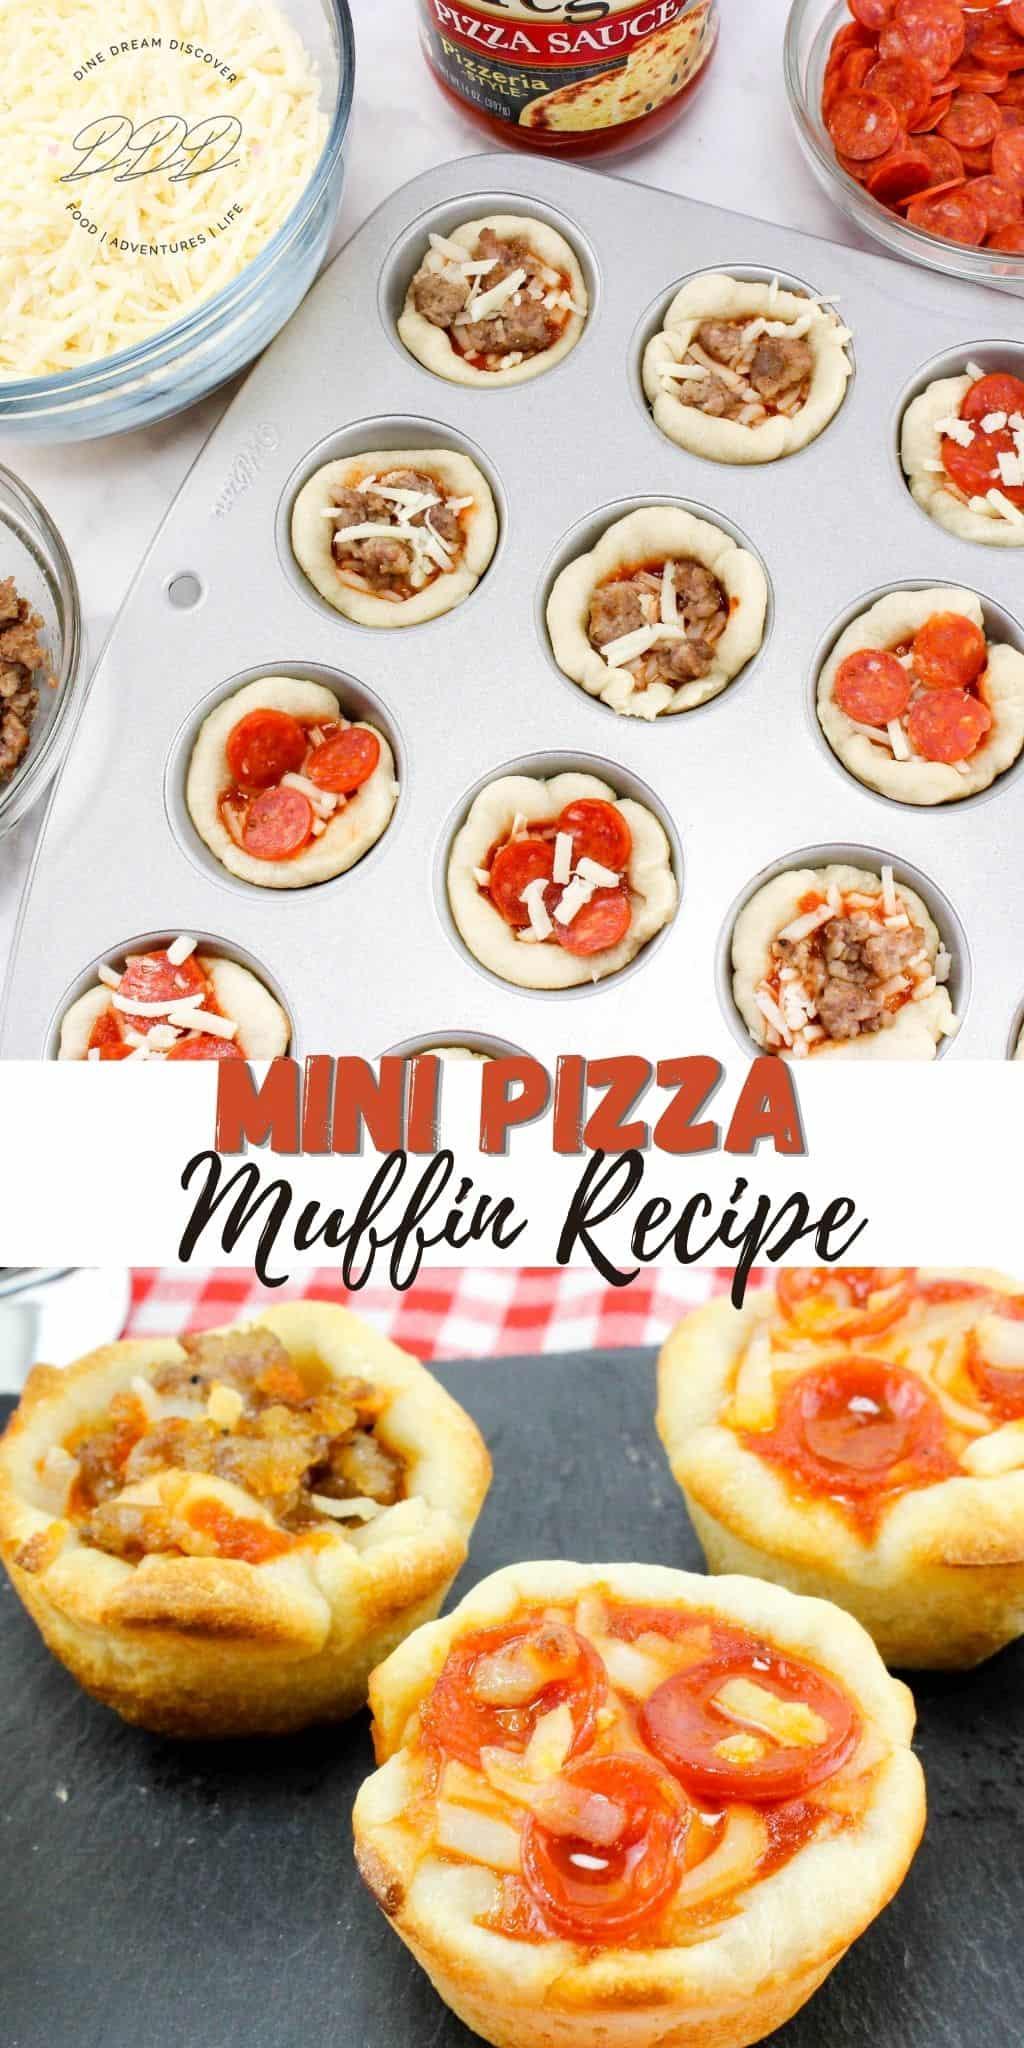 Mini Pizza Muffin Recipe